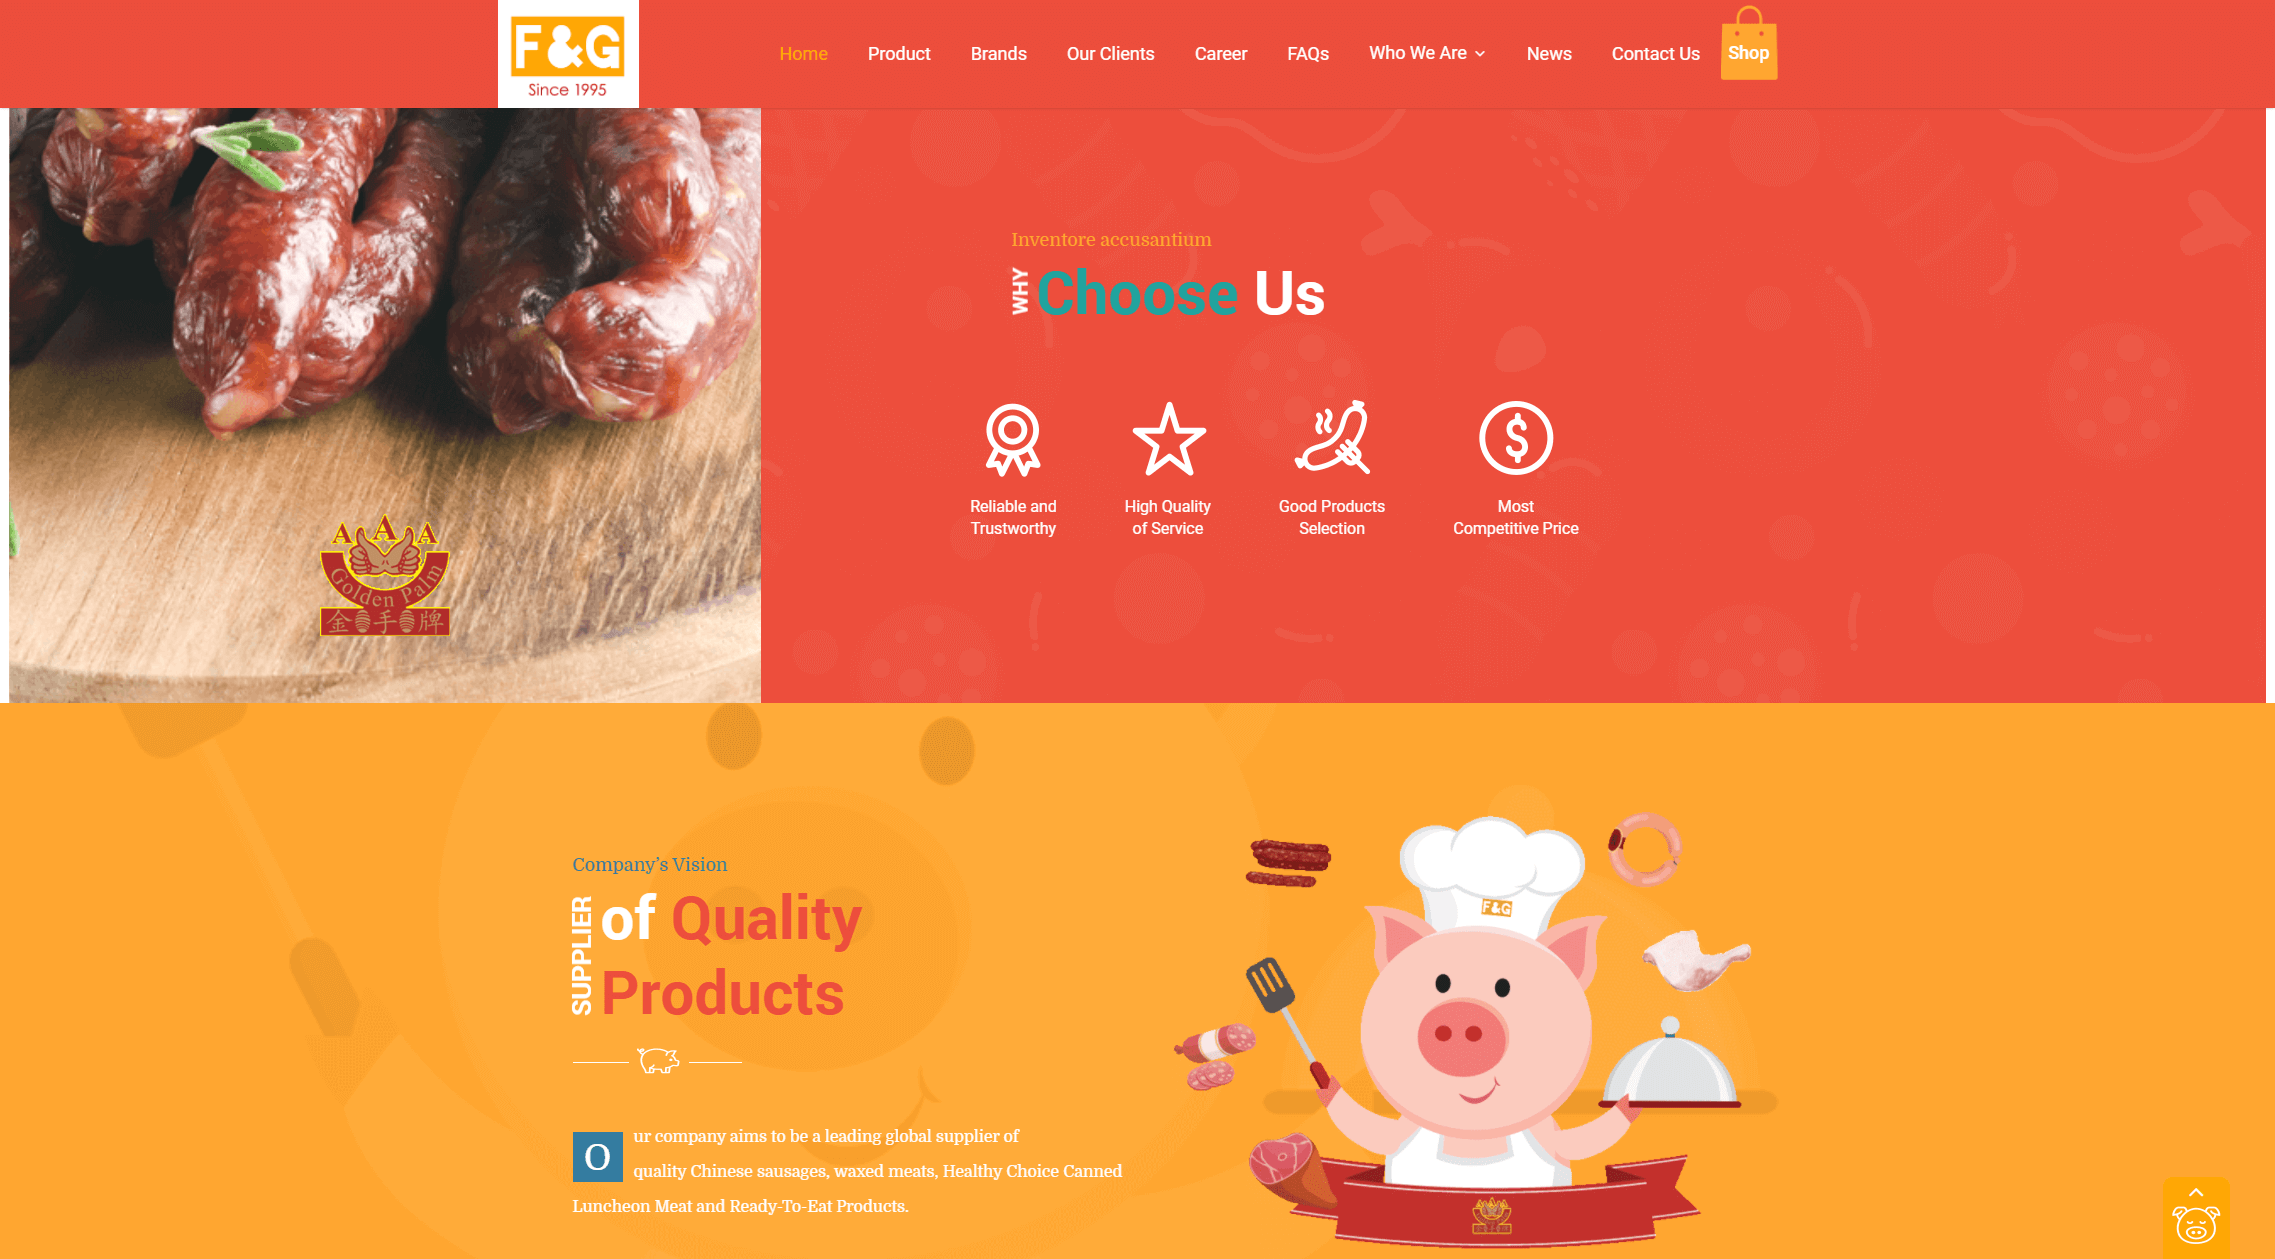 fgfood.com.sg-3